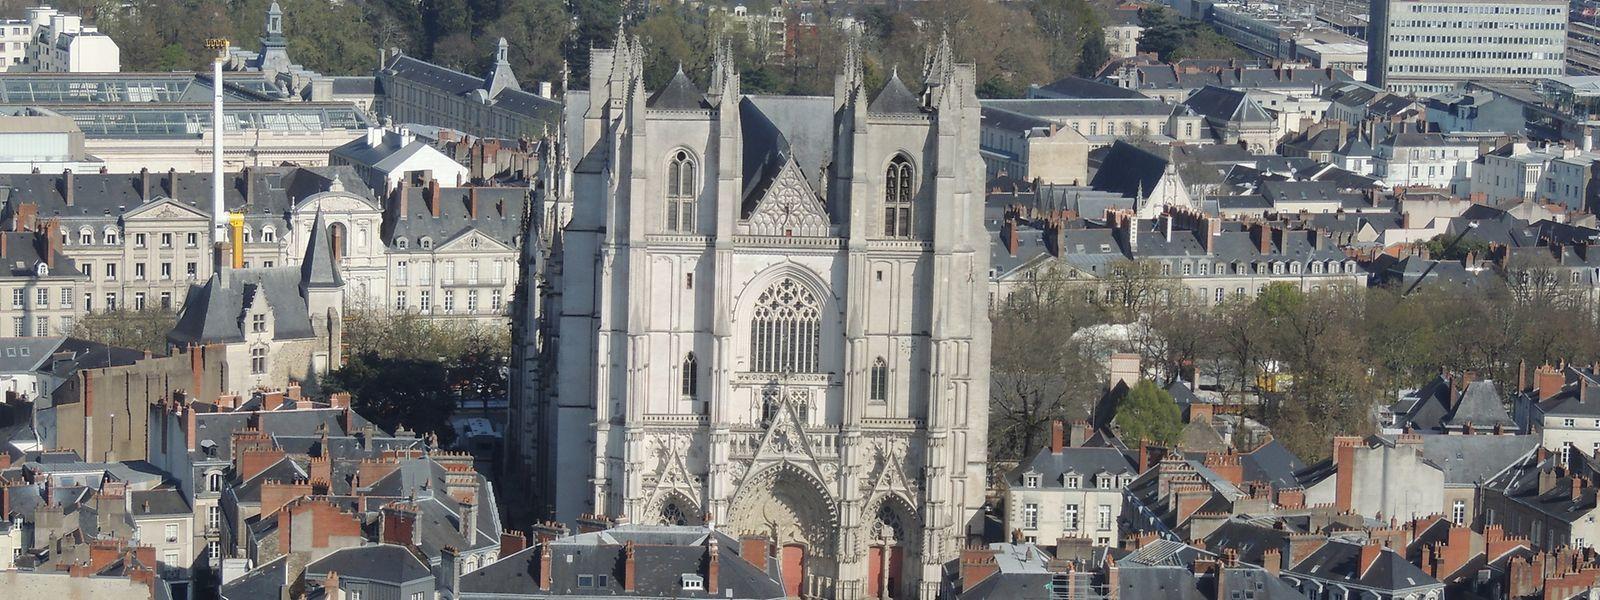 Im Zentrum der Stadt: die spätgotische Kathedrale von Nantes.